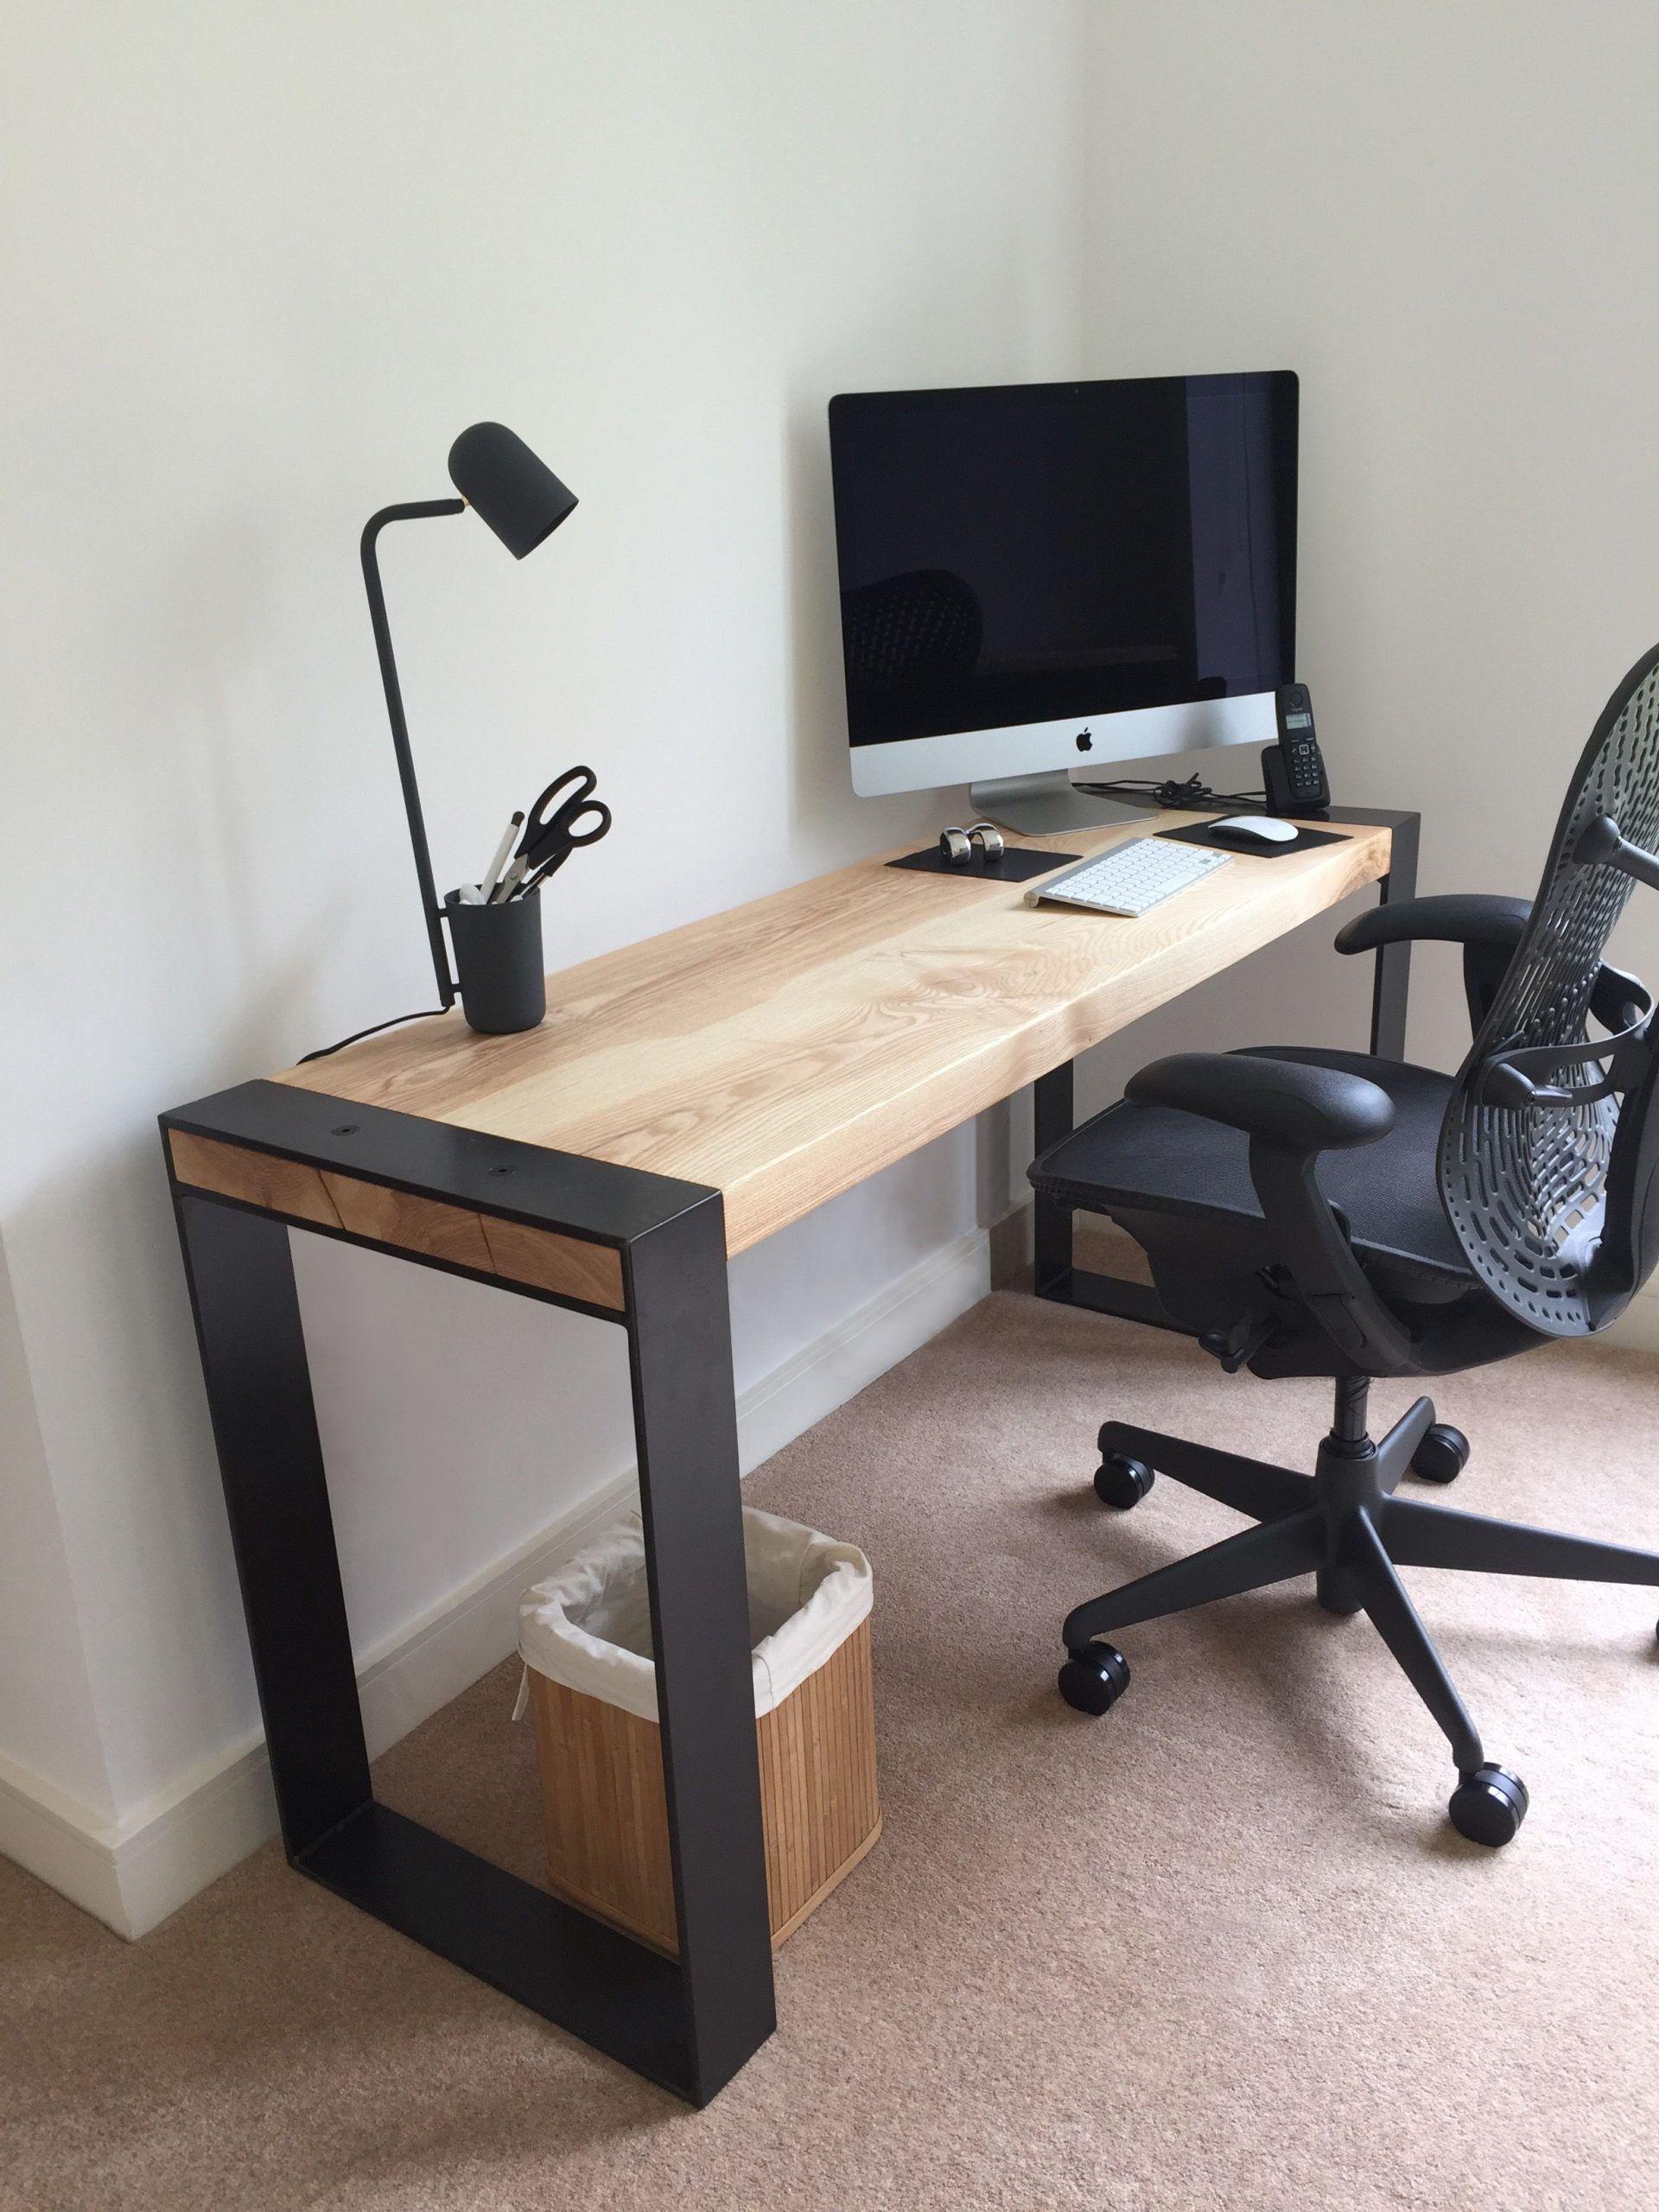 Massgeschneiderte Asche Schreibtisch In Handarbeit In Sheffield Uk